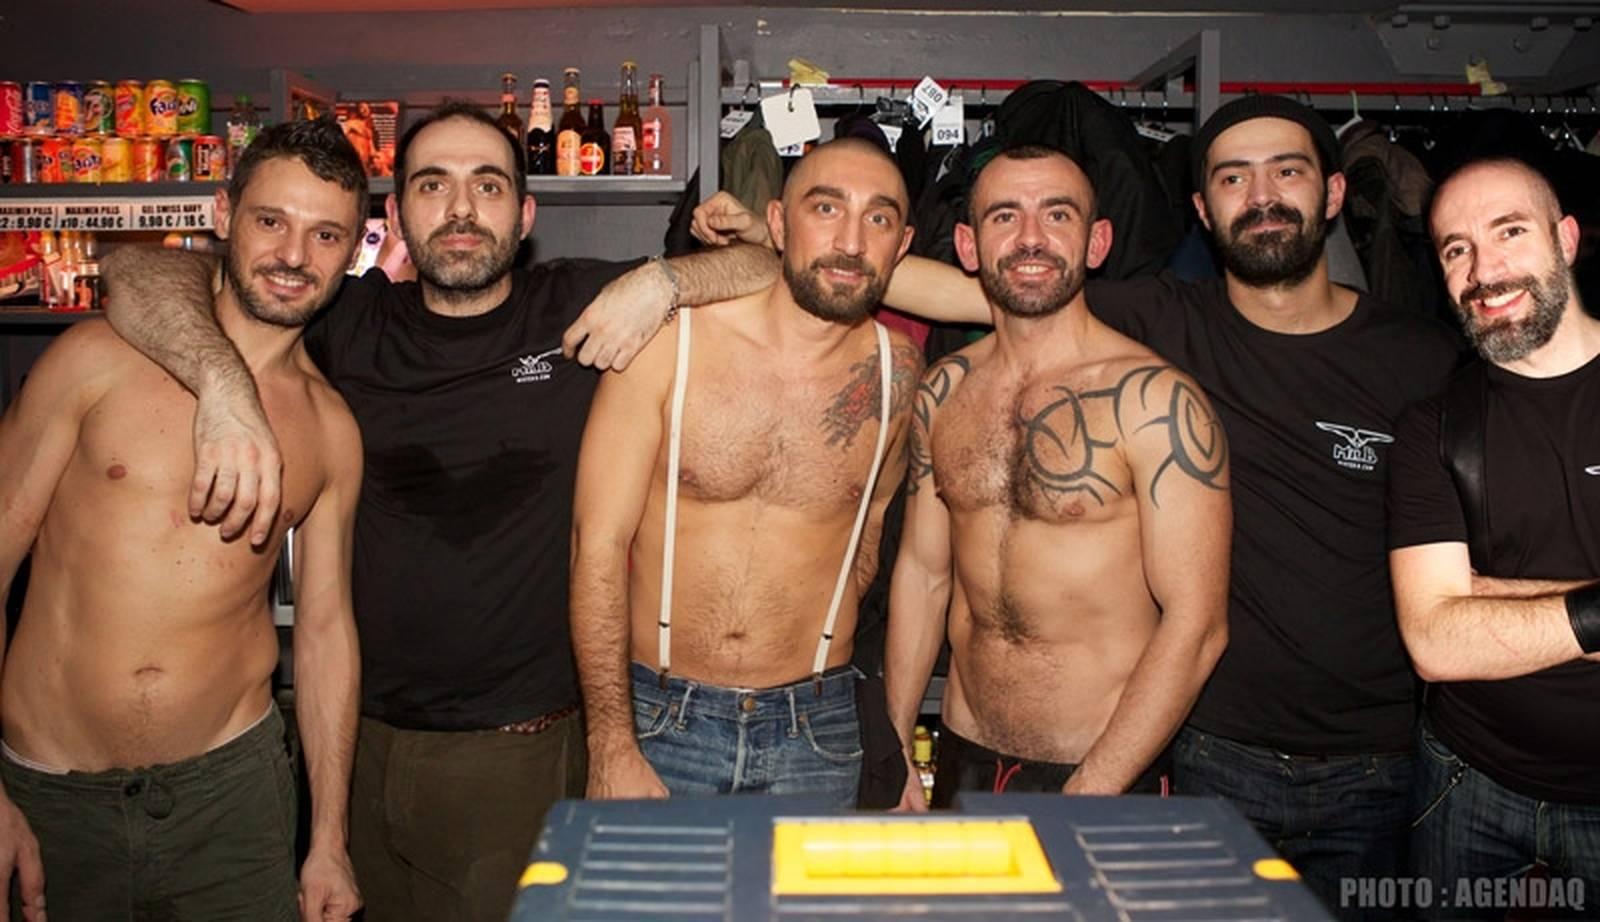 Saunas et cruising gays Tel AvivJaffa